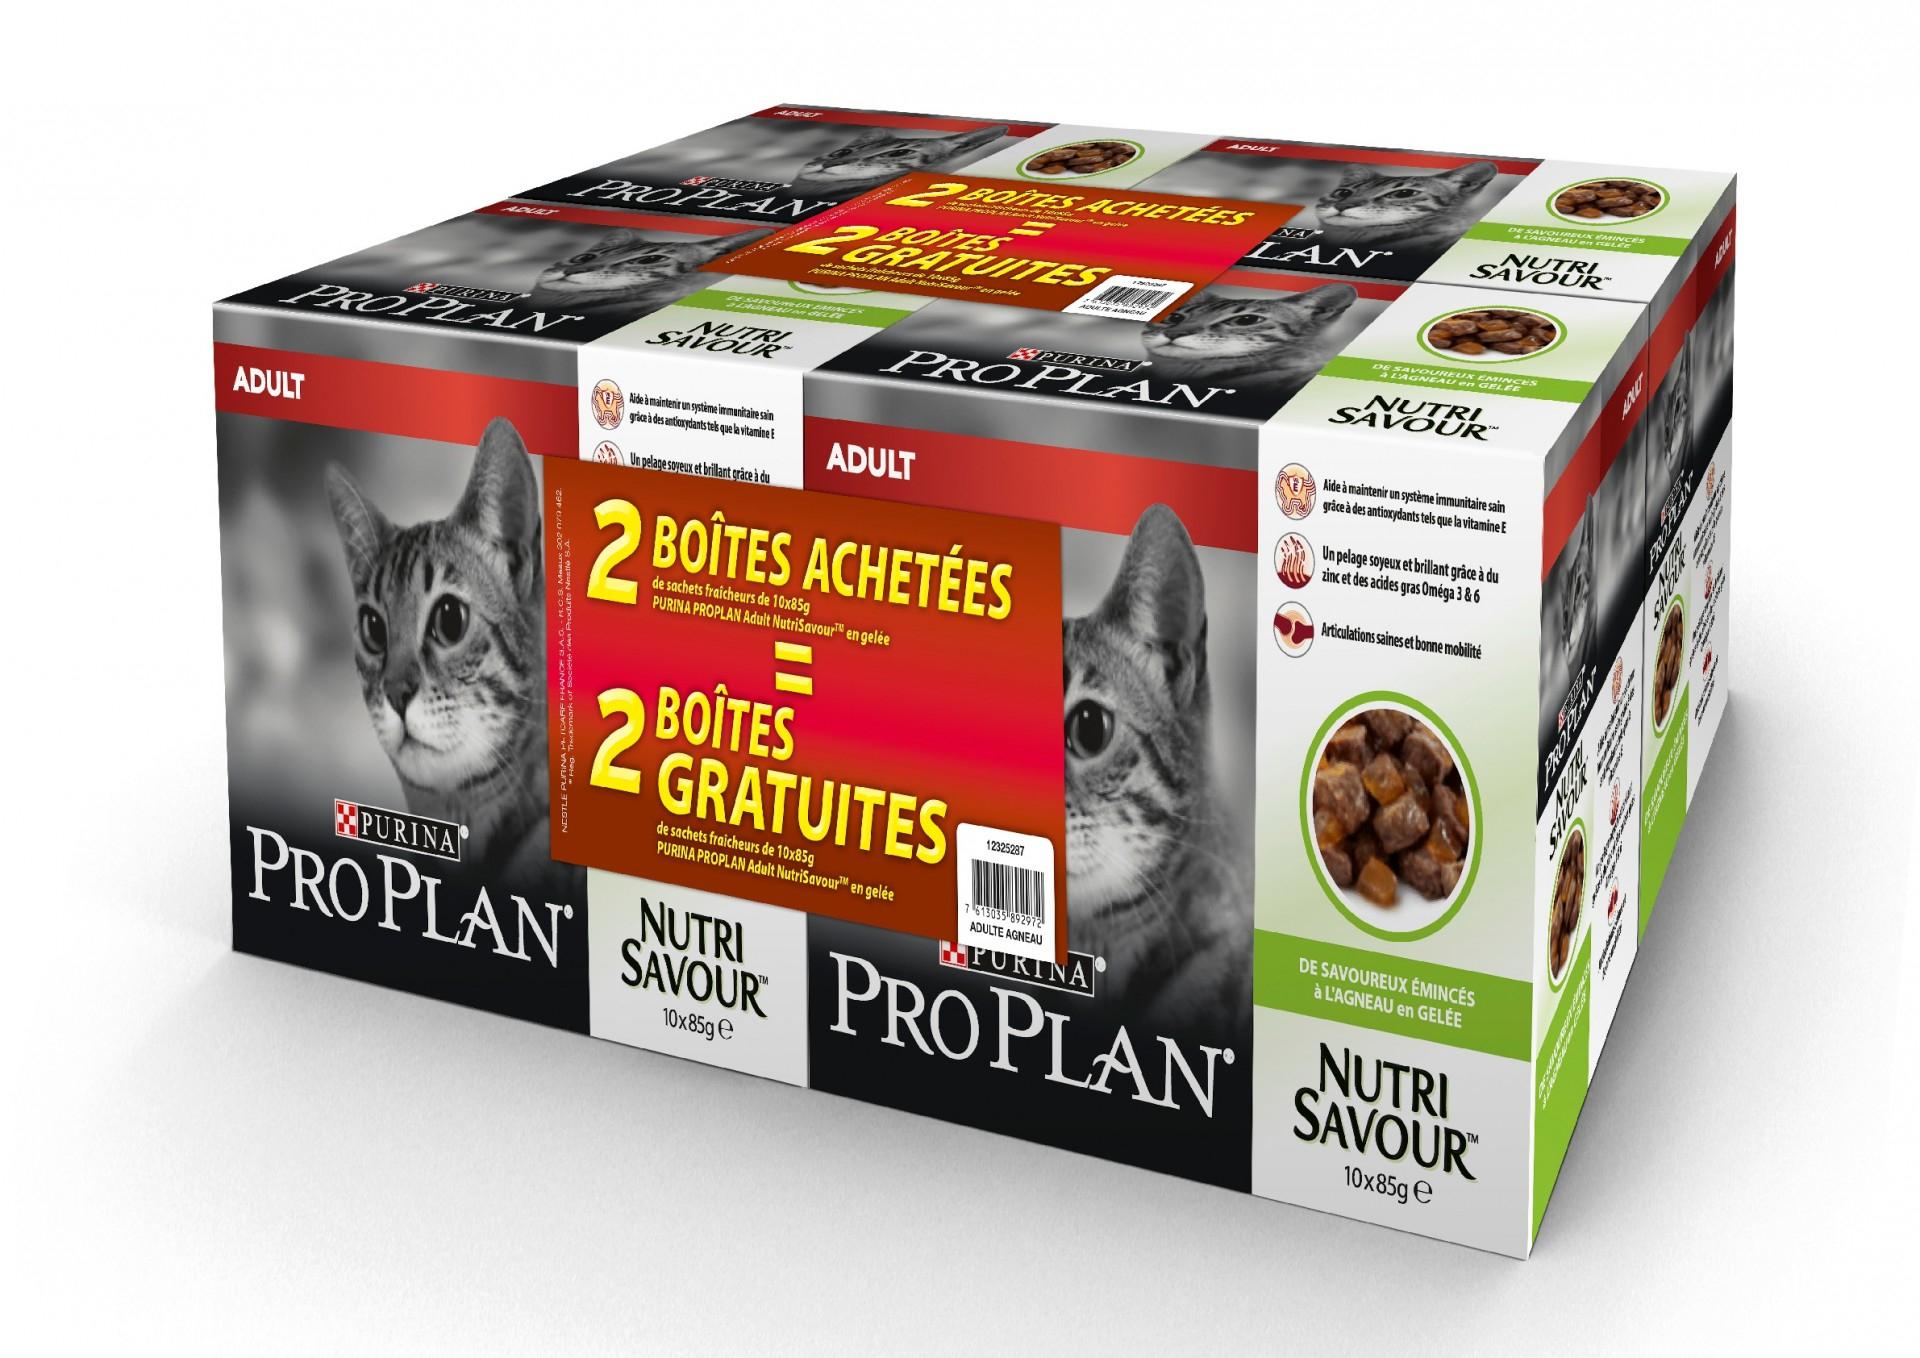 Sélection de Nutrisavour Adult (Lot de 4) en promotion - Ex: ProPlan Nutrisavour agneau 10 x 85 g Lot de 4